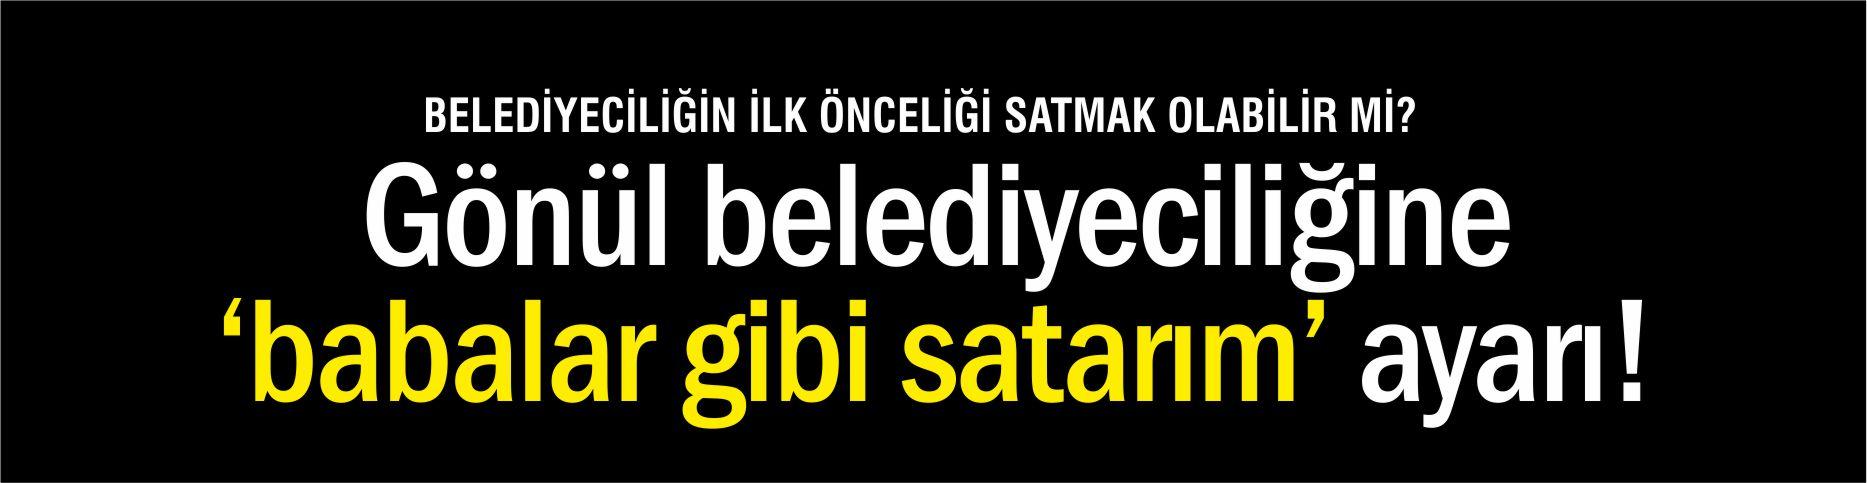 """""""GÖNÜL BELEDİYECİLİĞİNE 'BABALAR GİBİ SATARIM' AYARI"""